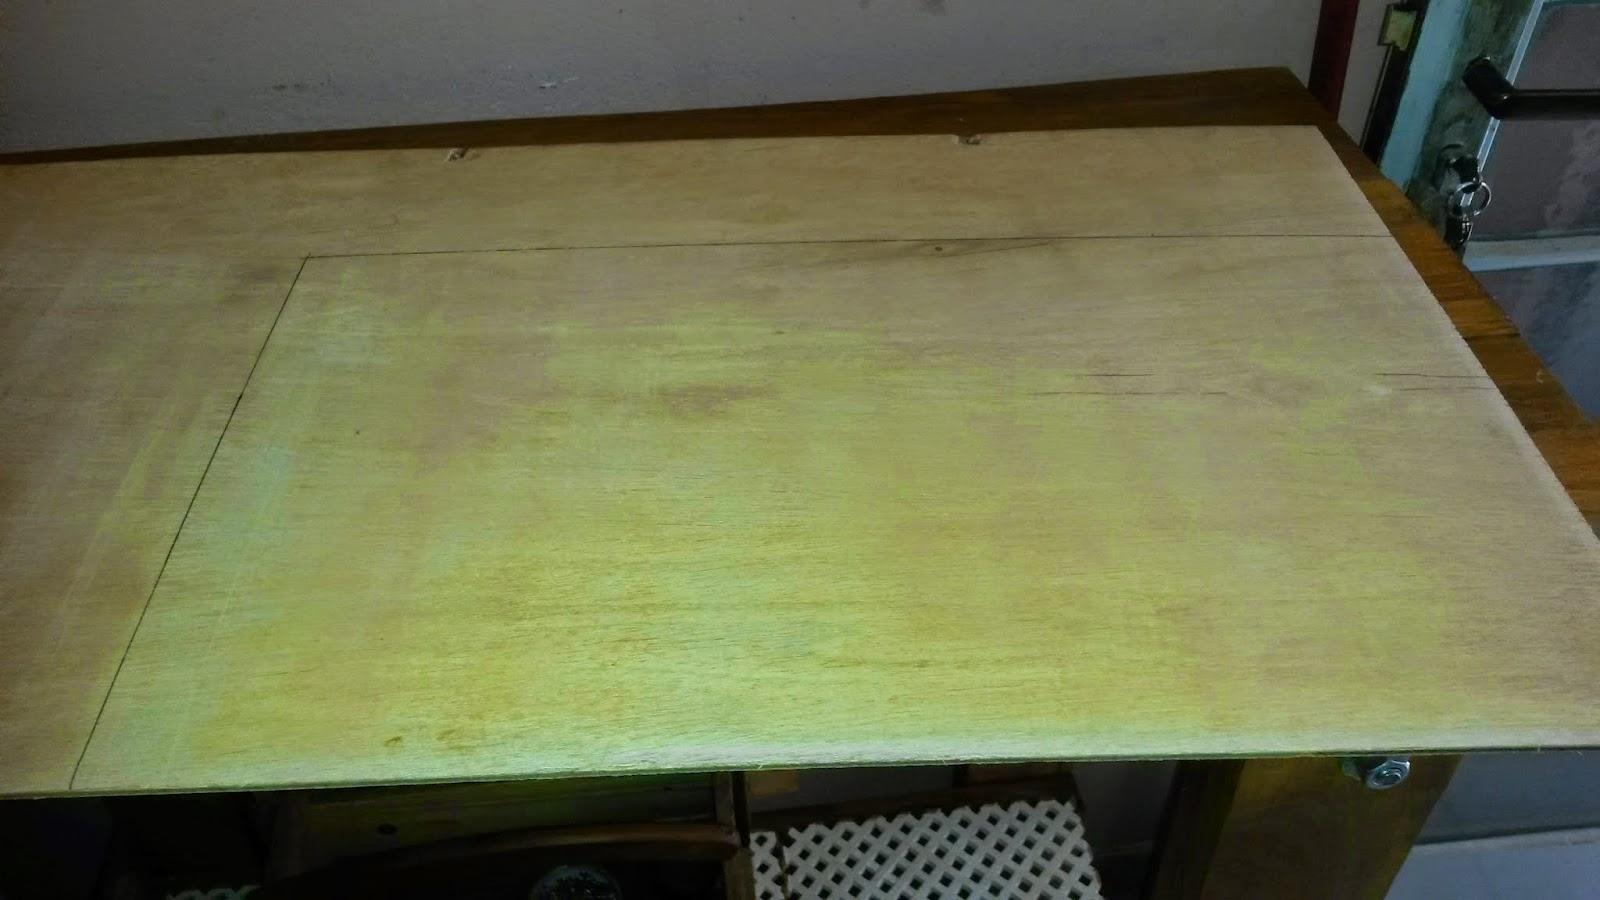 Oficina do Quintal: Como fazer uma bancada para Tupia #738A41 1600x900